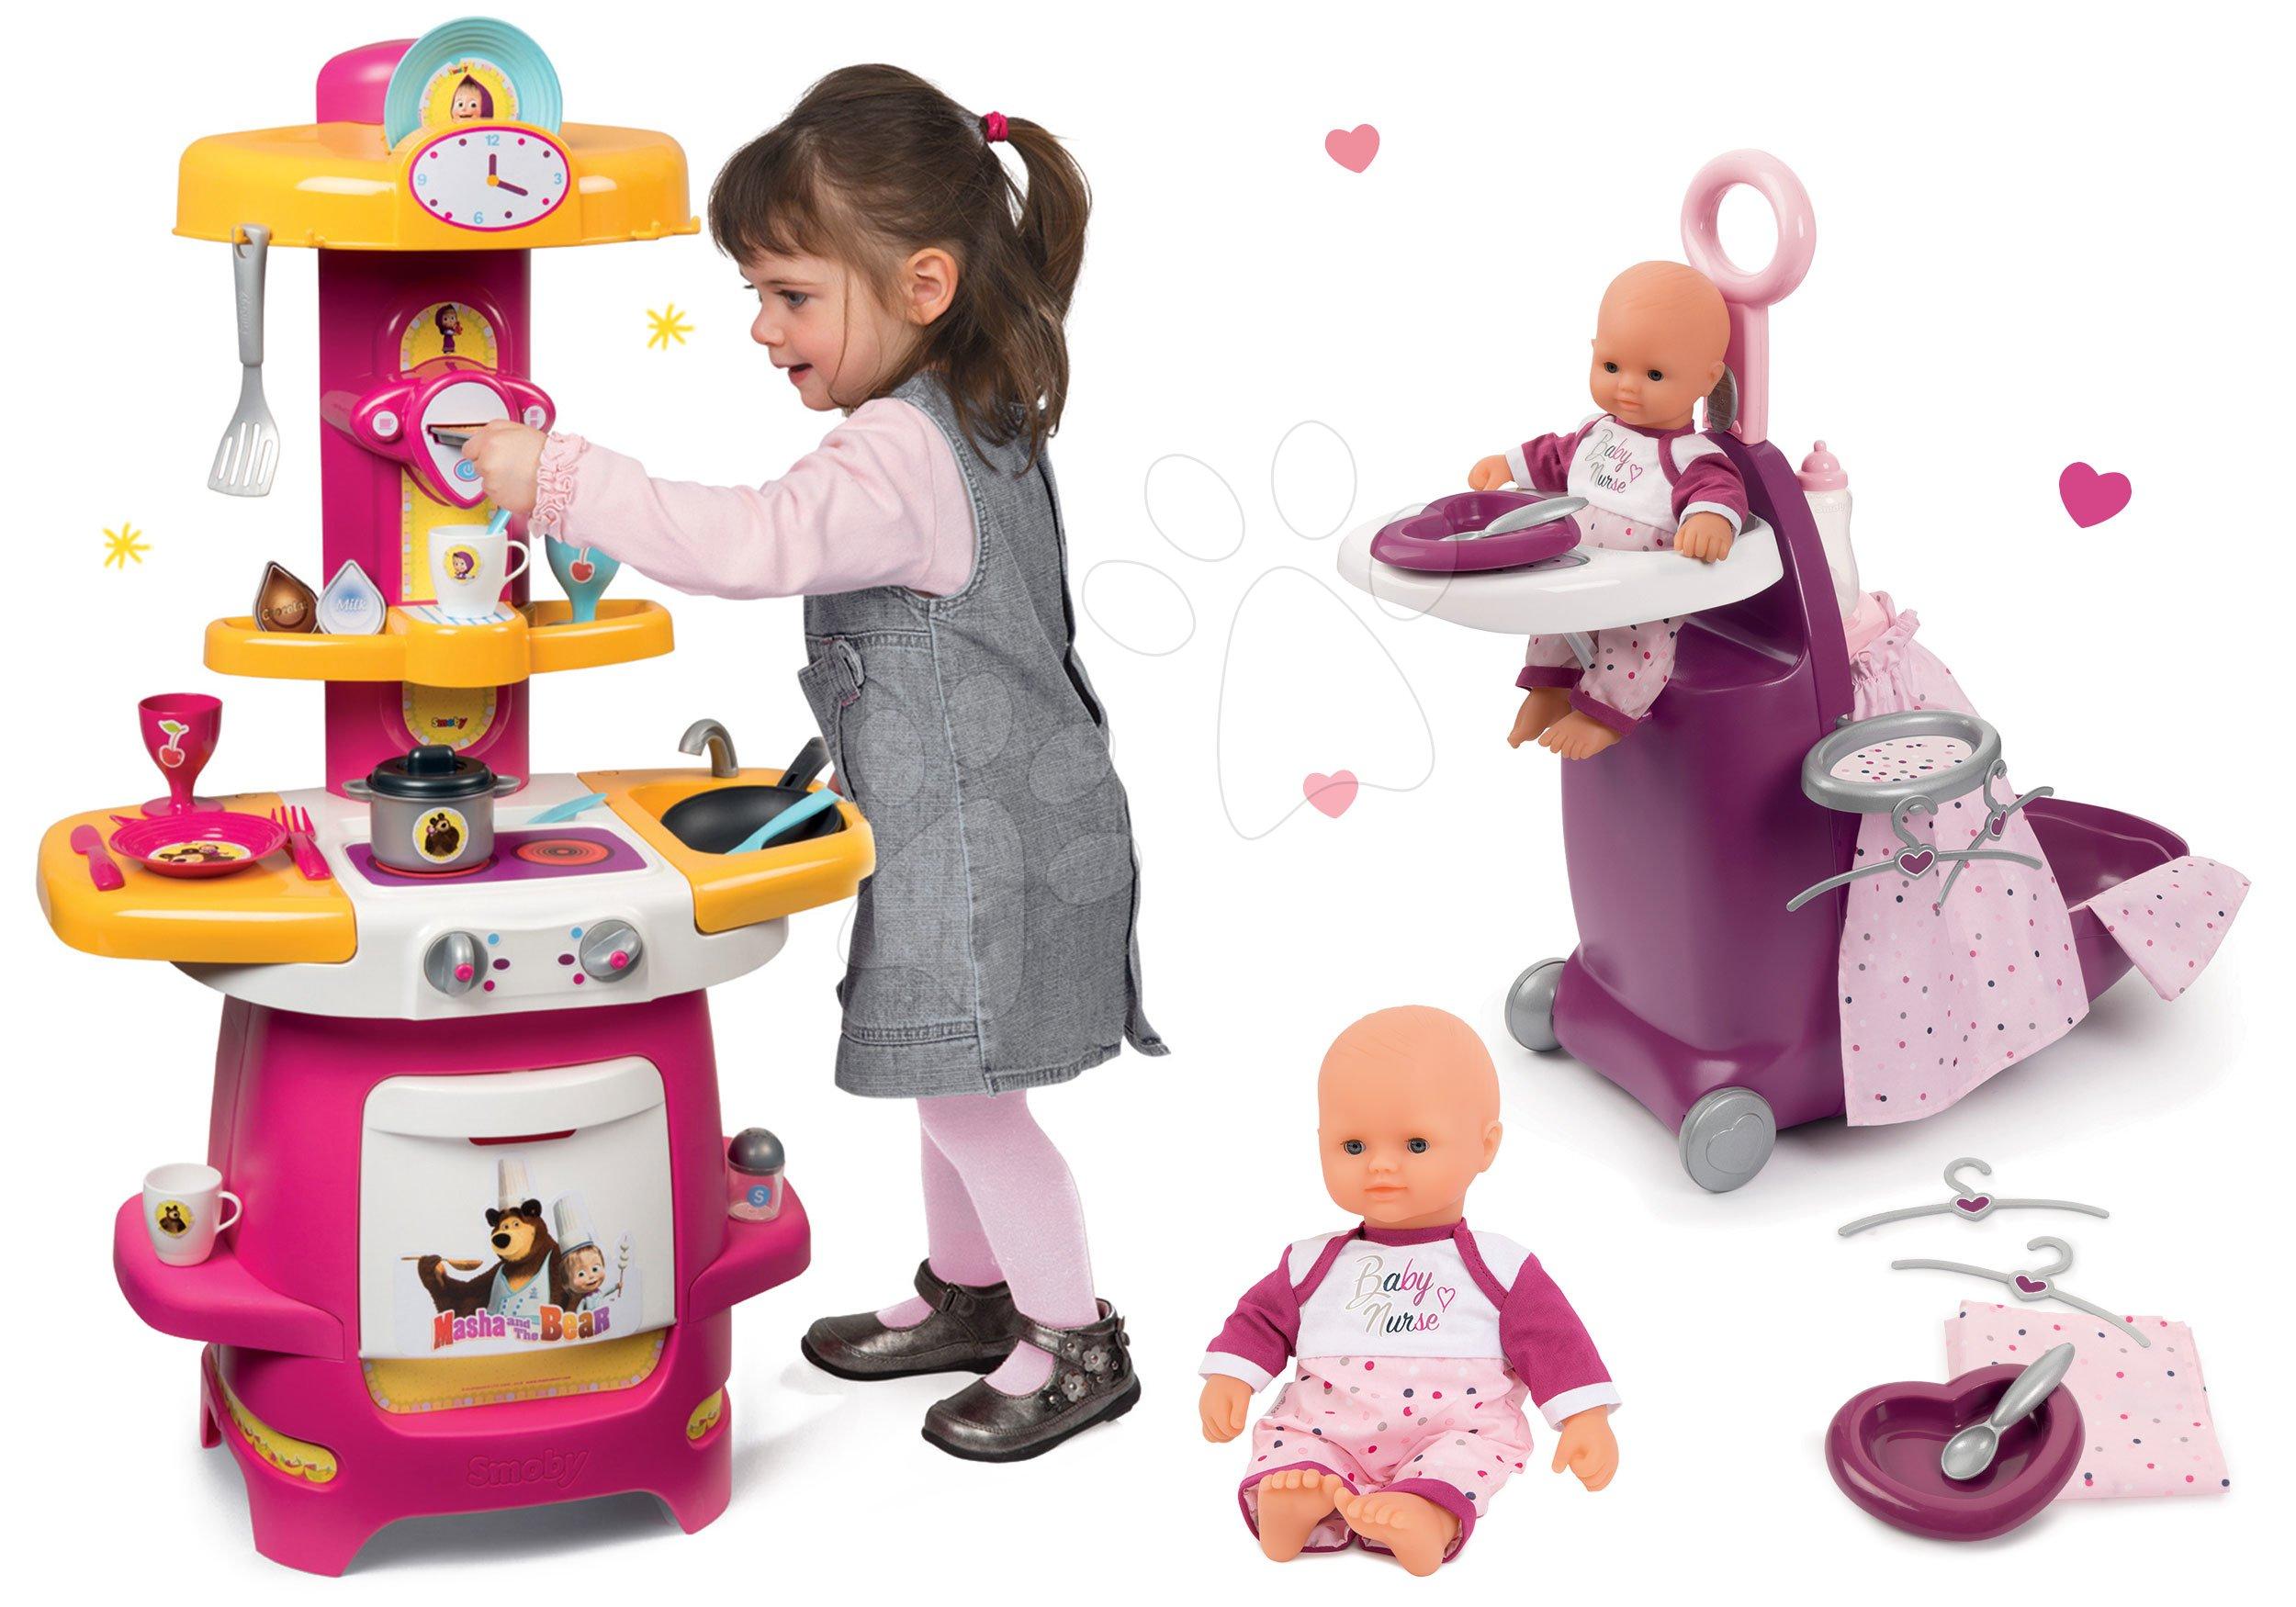 Set přebalovací vozík Baby Nurse Zlatá edice Smoby s postýlkou, panenka 32 cm, kuchyňka Máša a medvěd od 18 měsíců